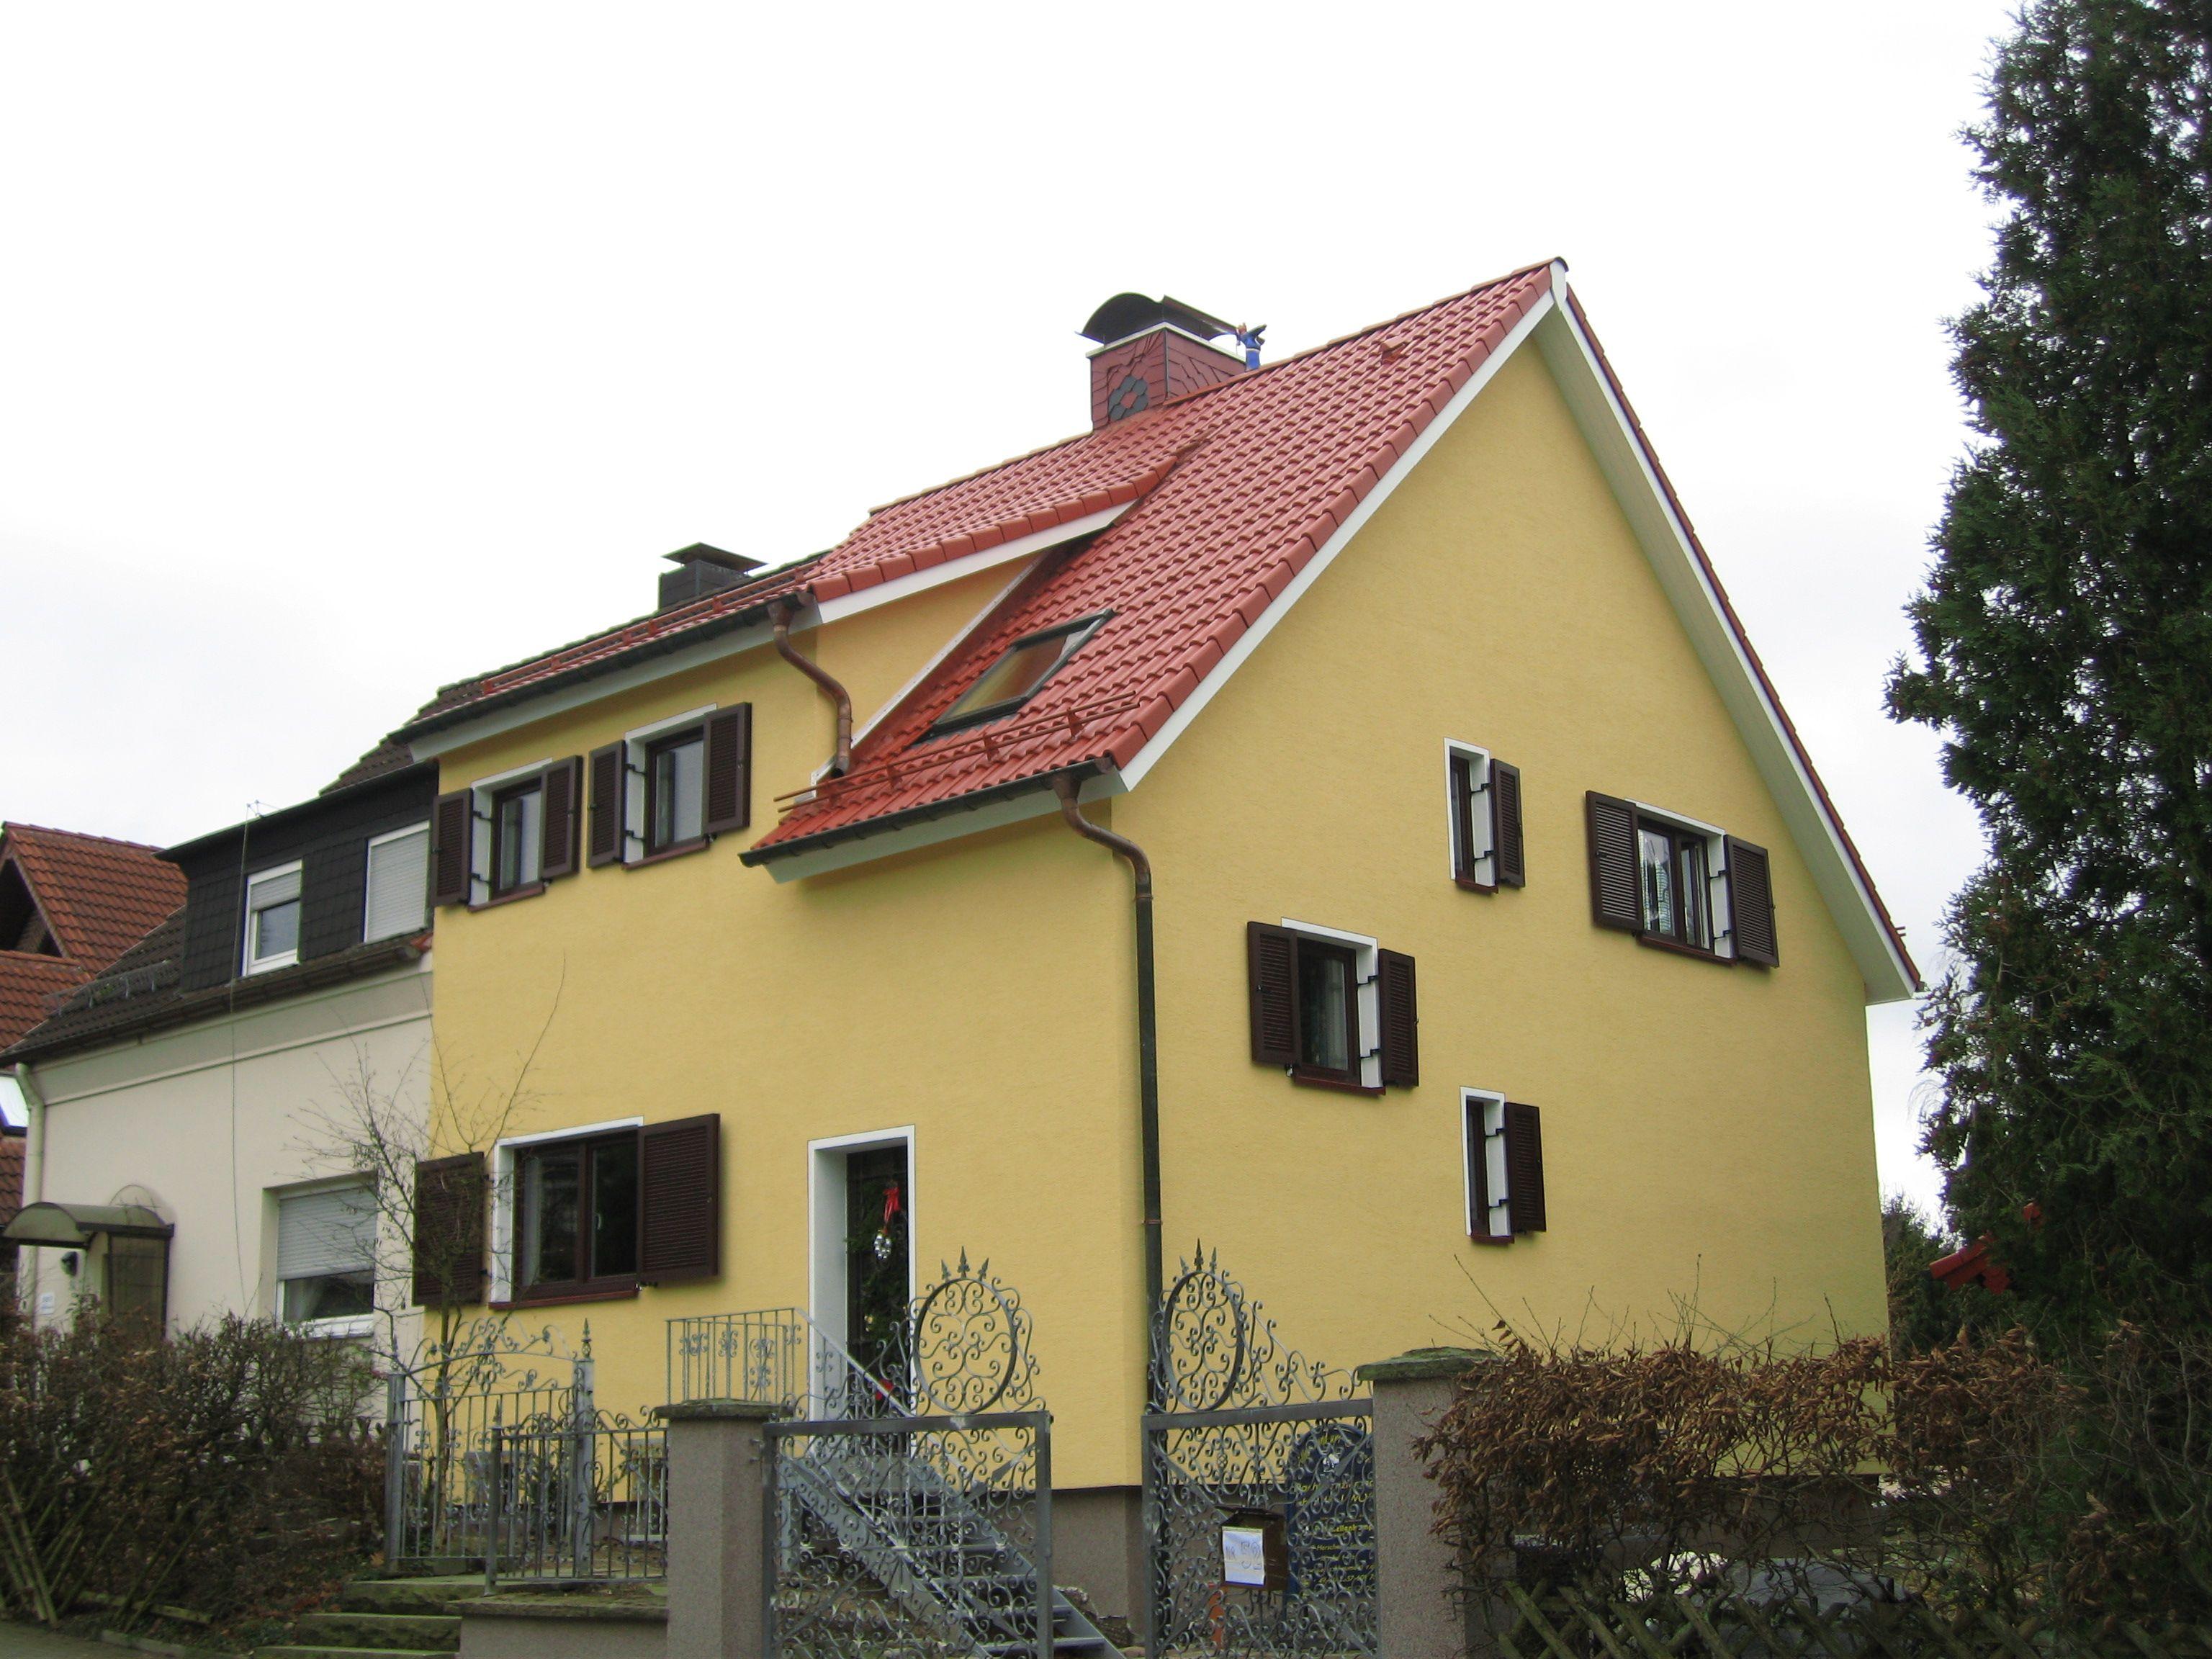 Haus komplett Sanierung mit kfW Förderung, dämmen ...